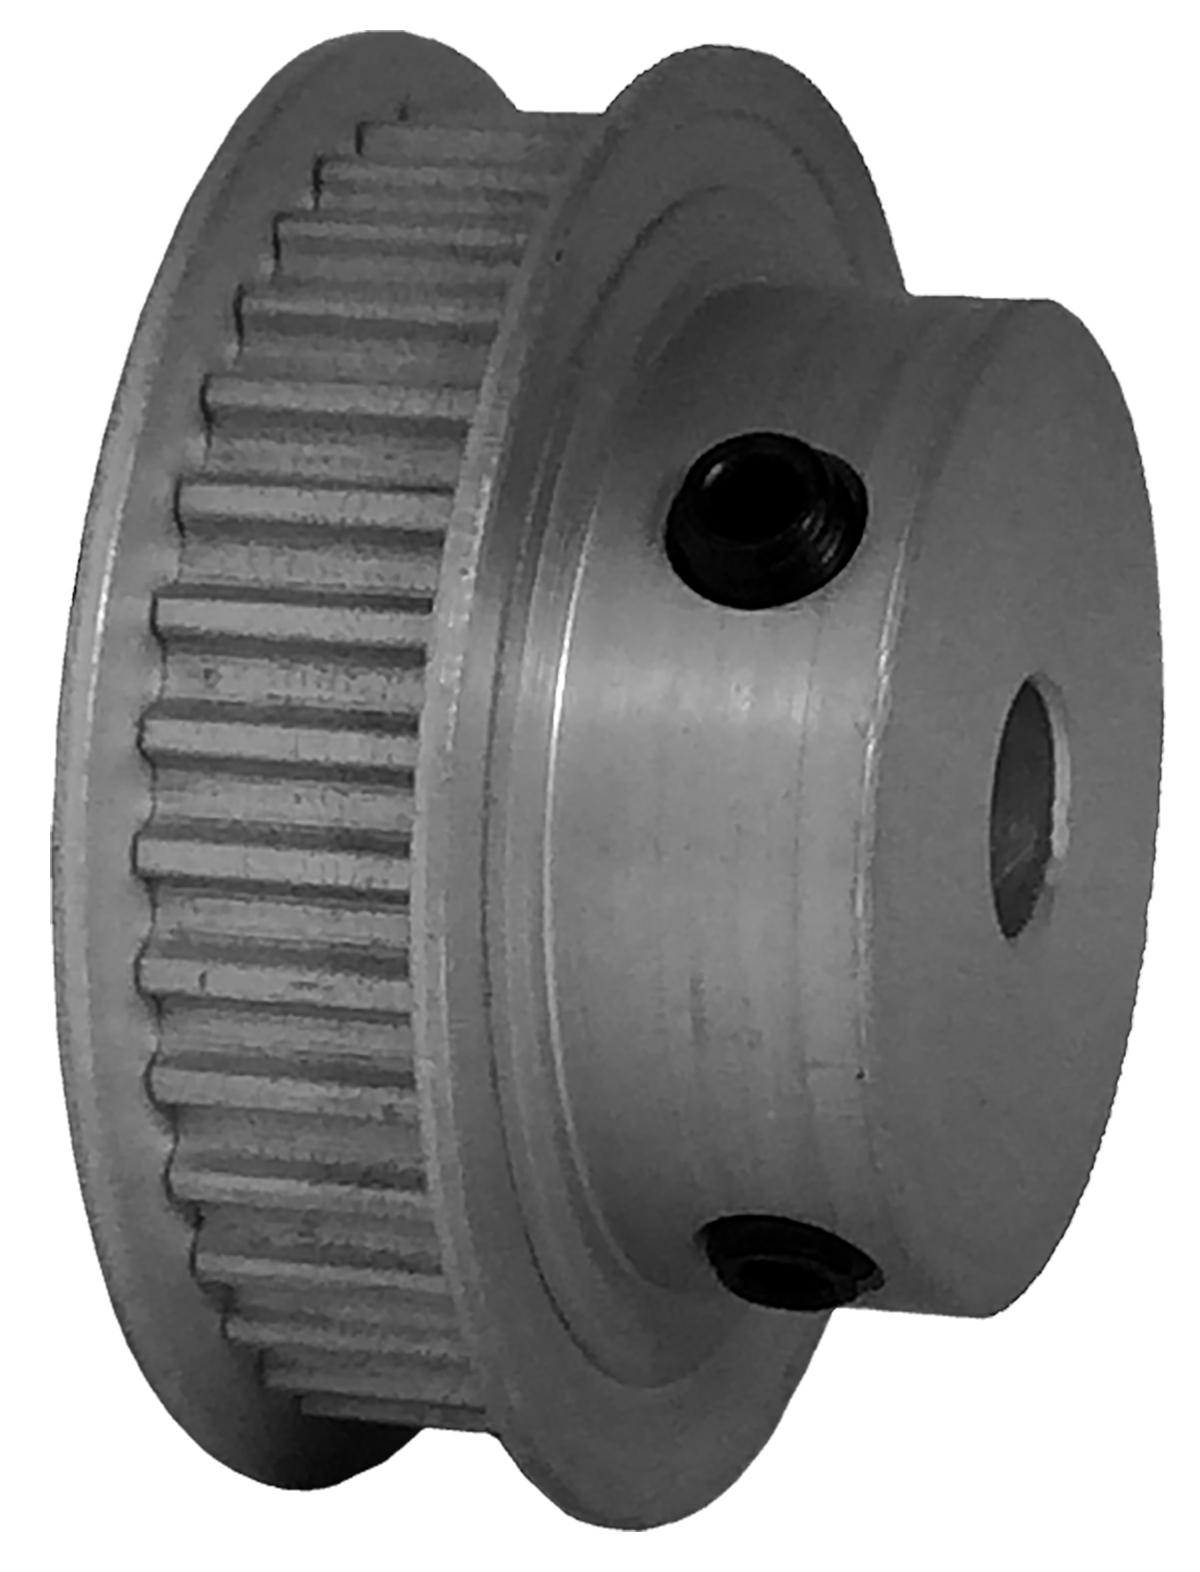 36-3P06-6FA3 - Aluminum Powerhouse® Pulleys